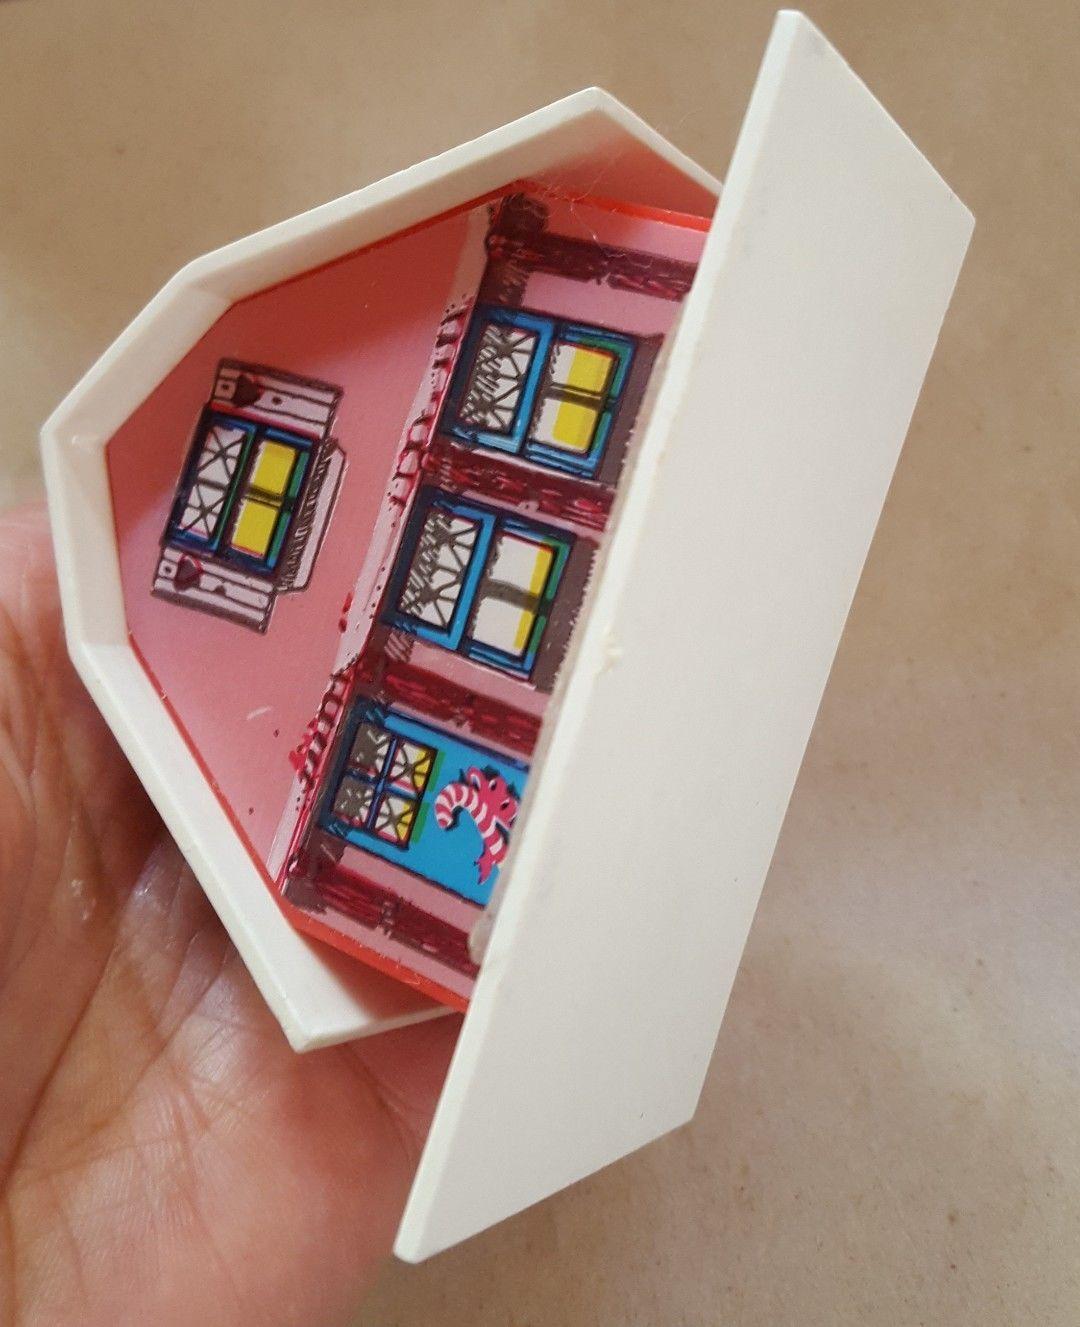 VTG Plastic Christmas xmas Village pink House made in Hong Kong holiday decor - $15.79